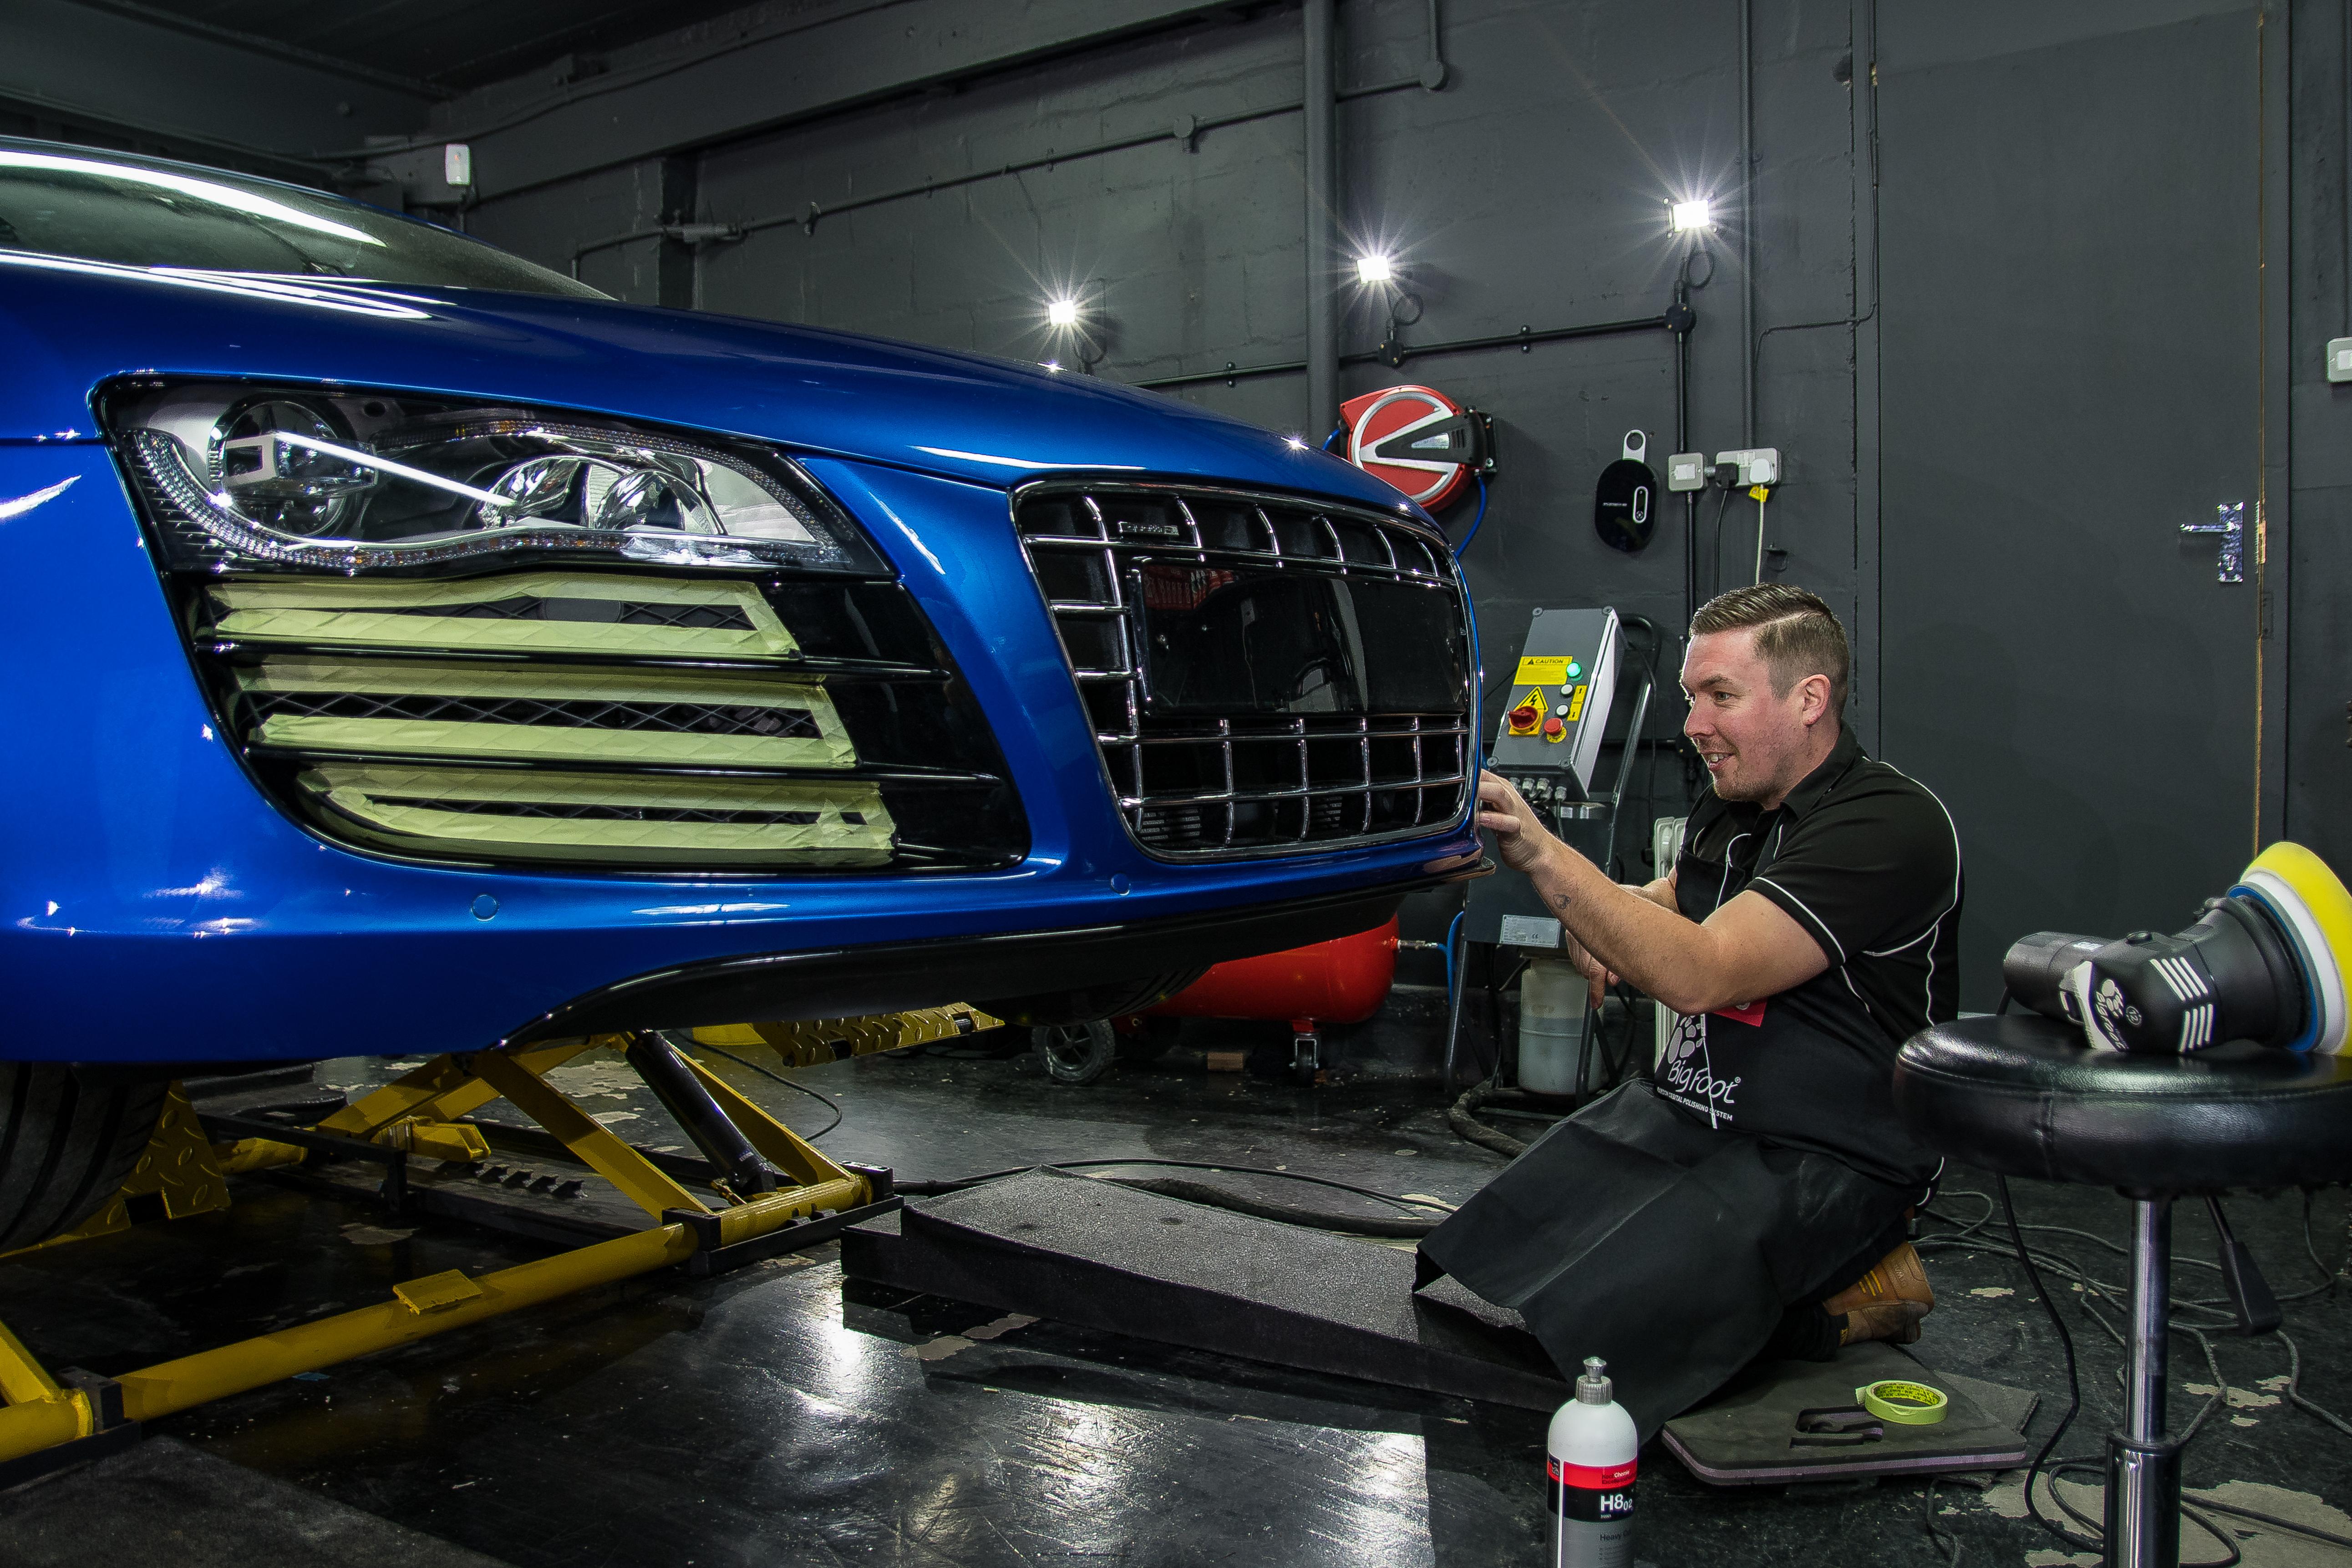 Carl prepping R8